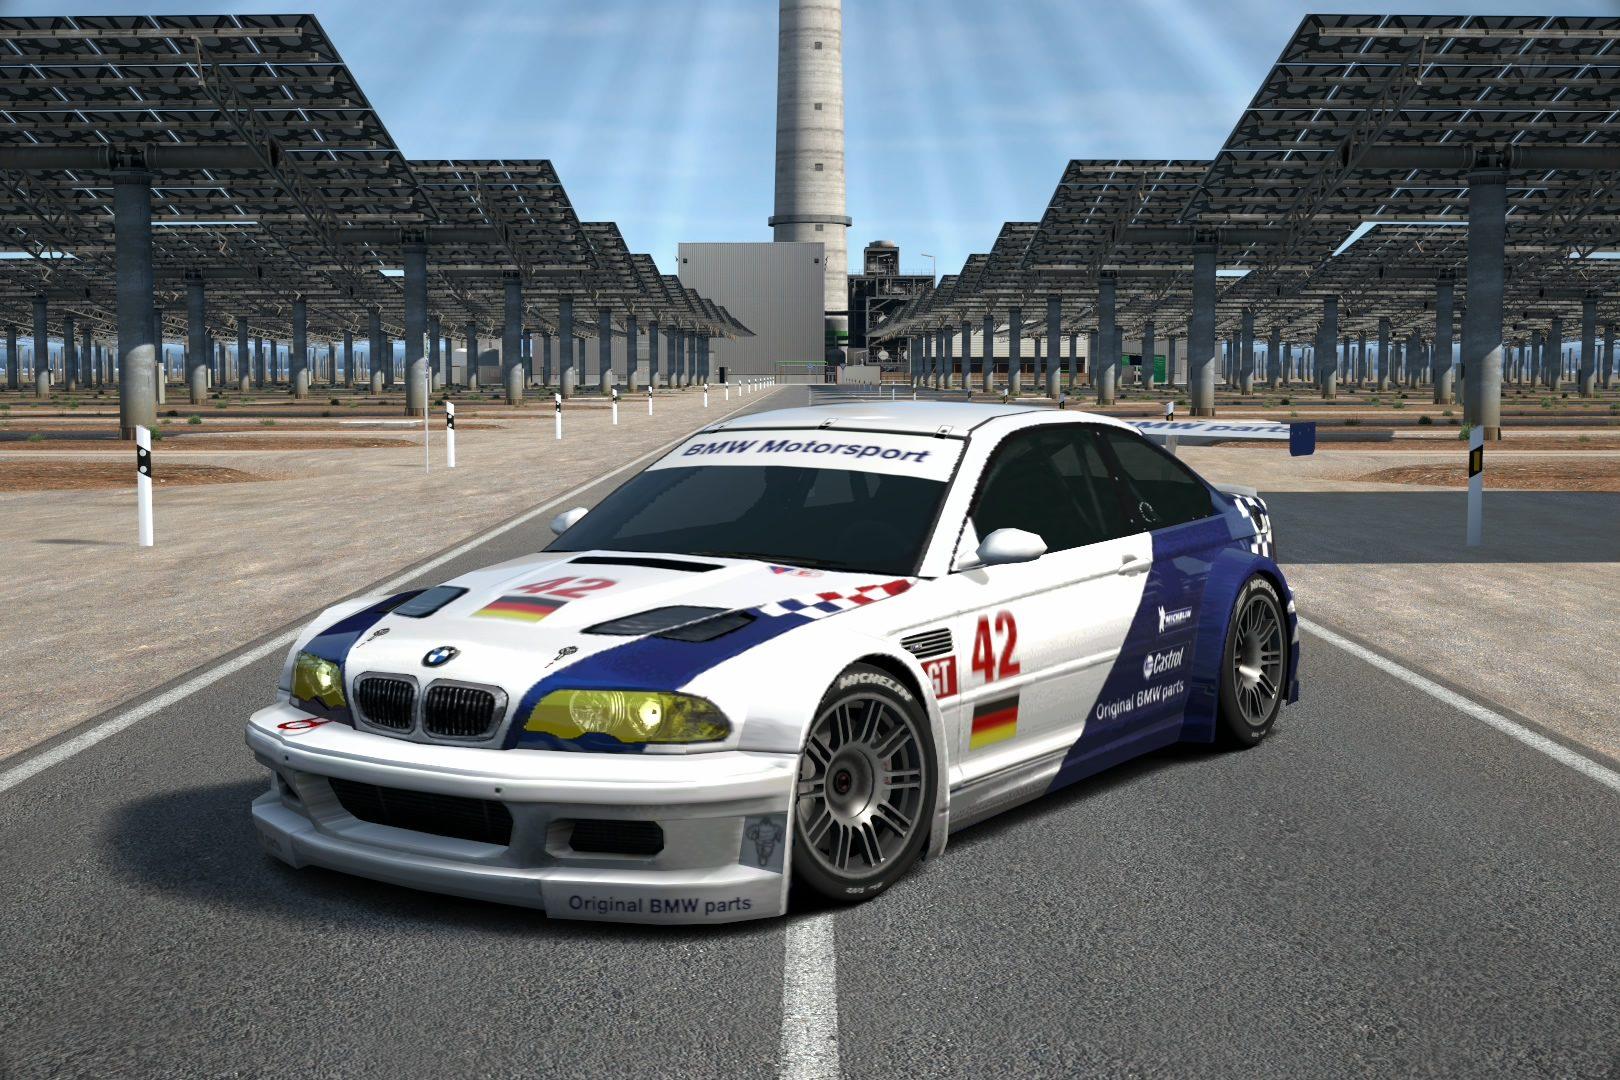 m3 gtr race.jpg